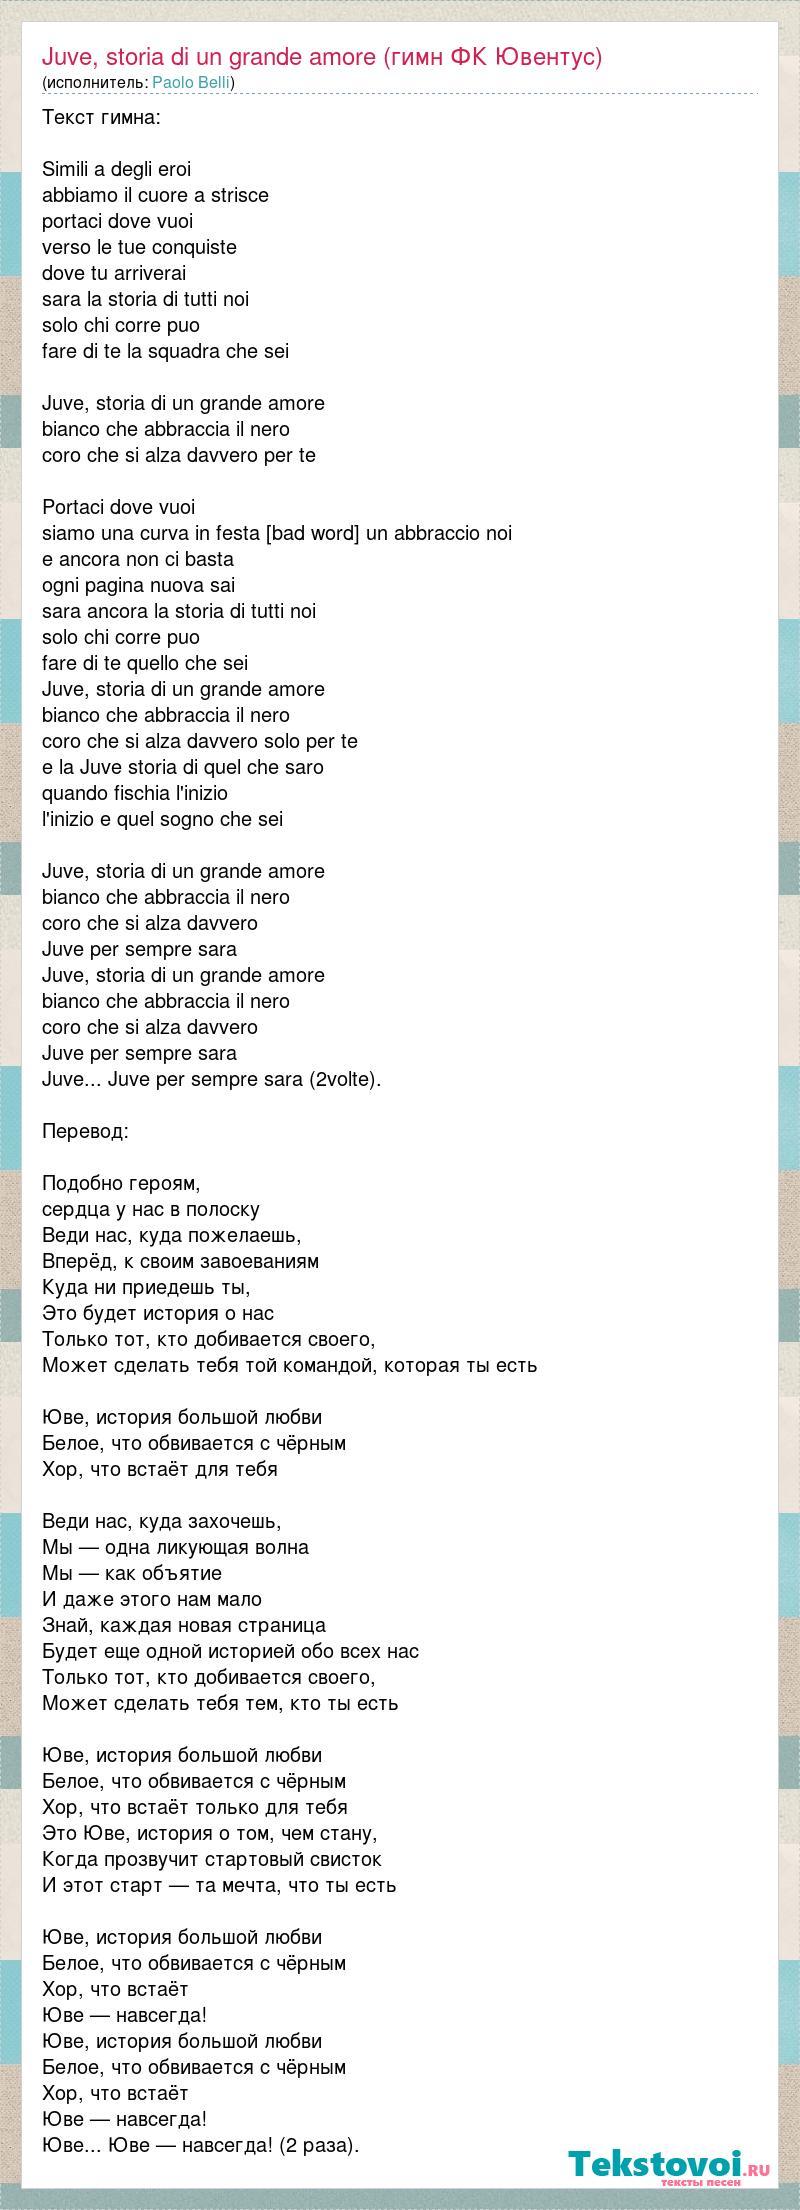 Гимн ювентуса текст